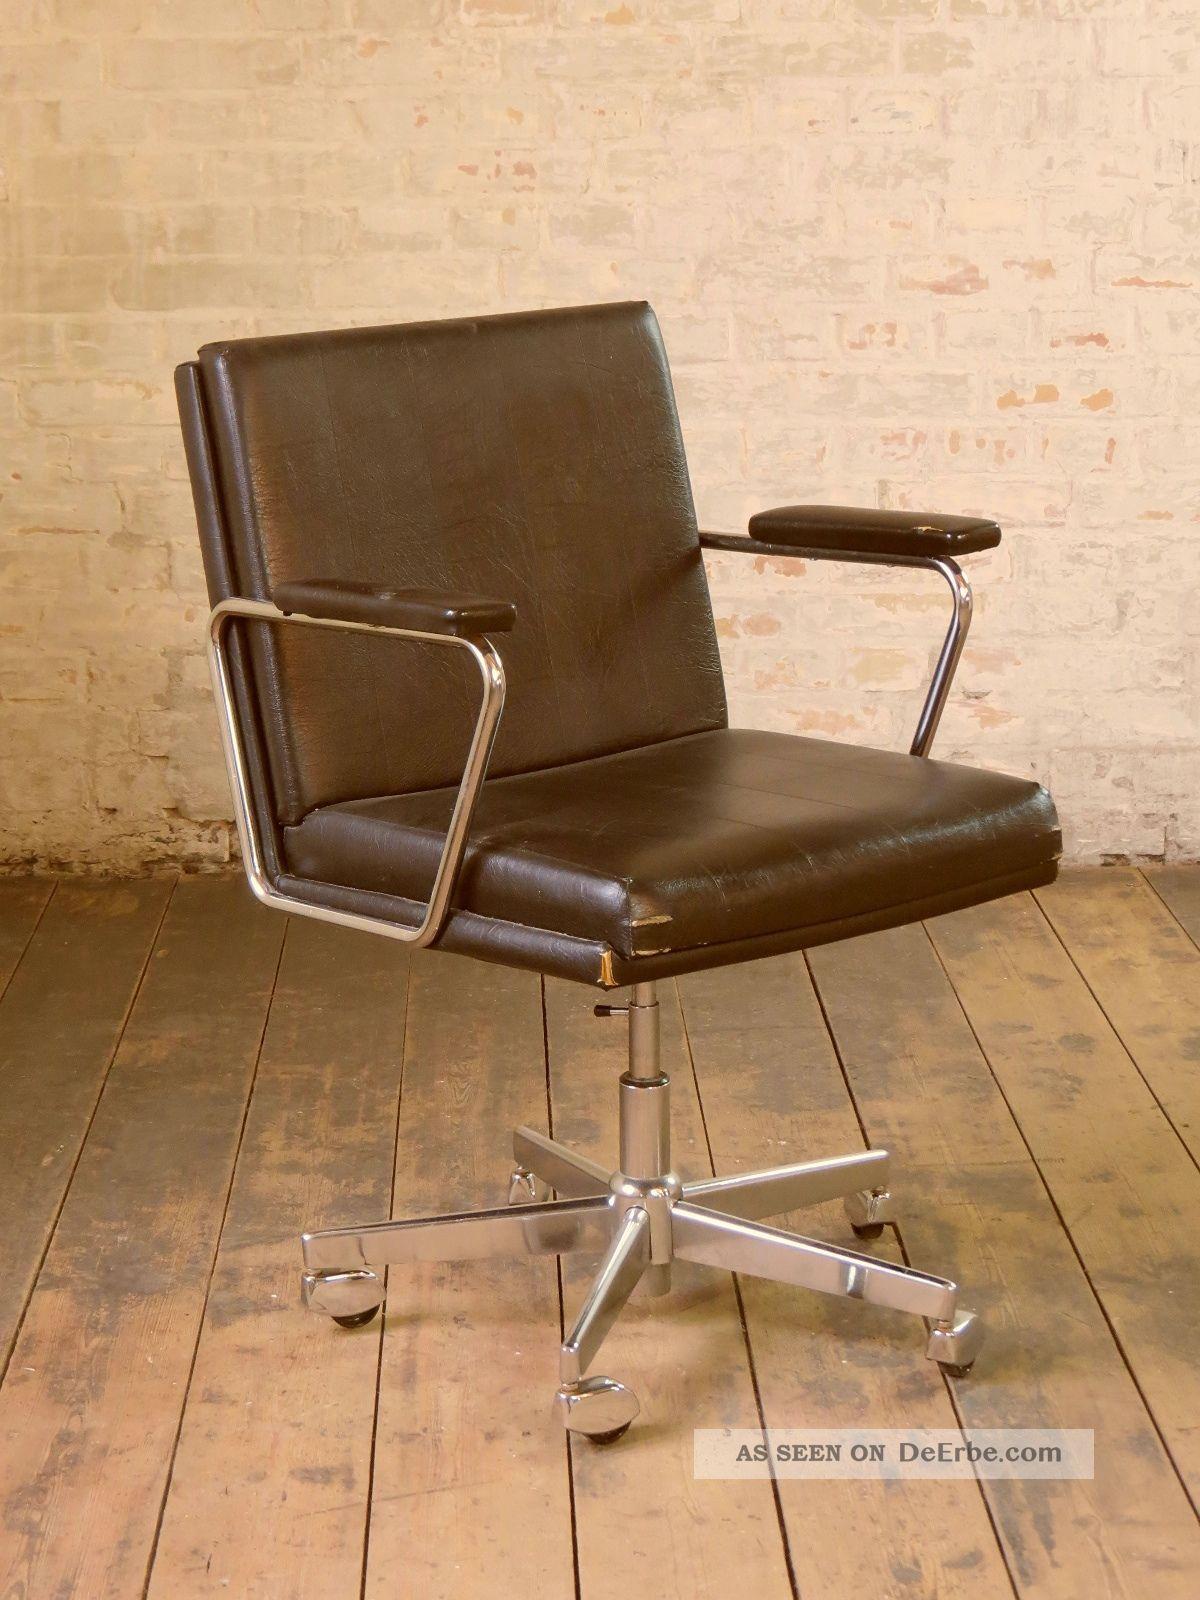 70er jahre b rostuhl schreibtischstuhl stuhl drehstuhl vintage 70s desk chair. Black Bedroom Furniture Sets. Home Design Ideas